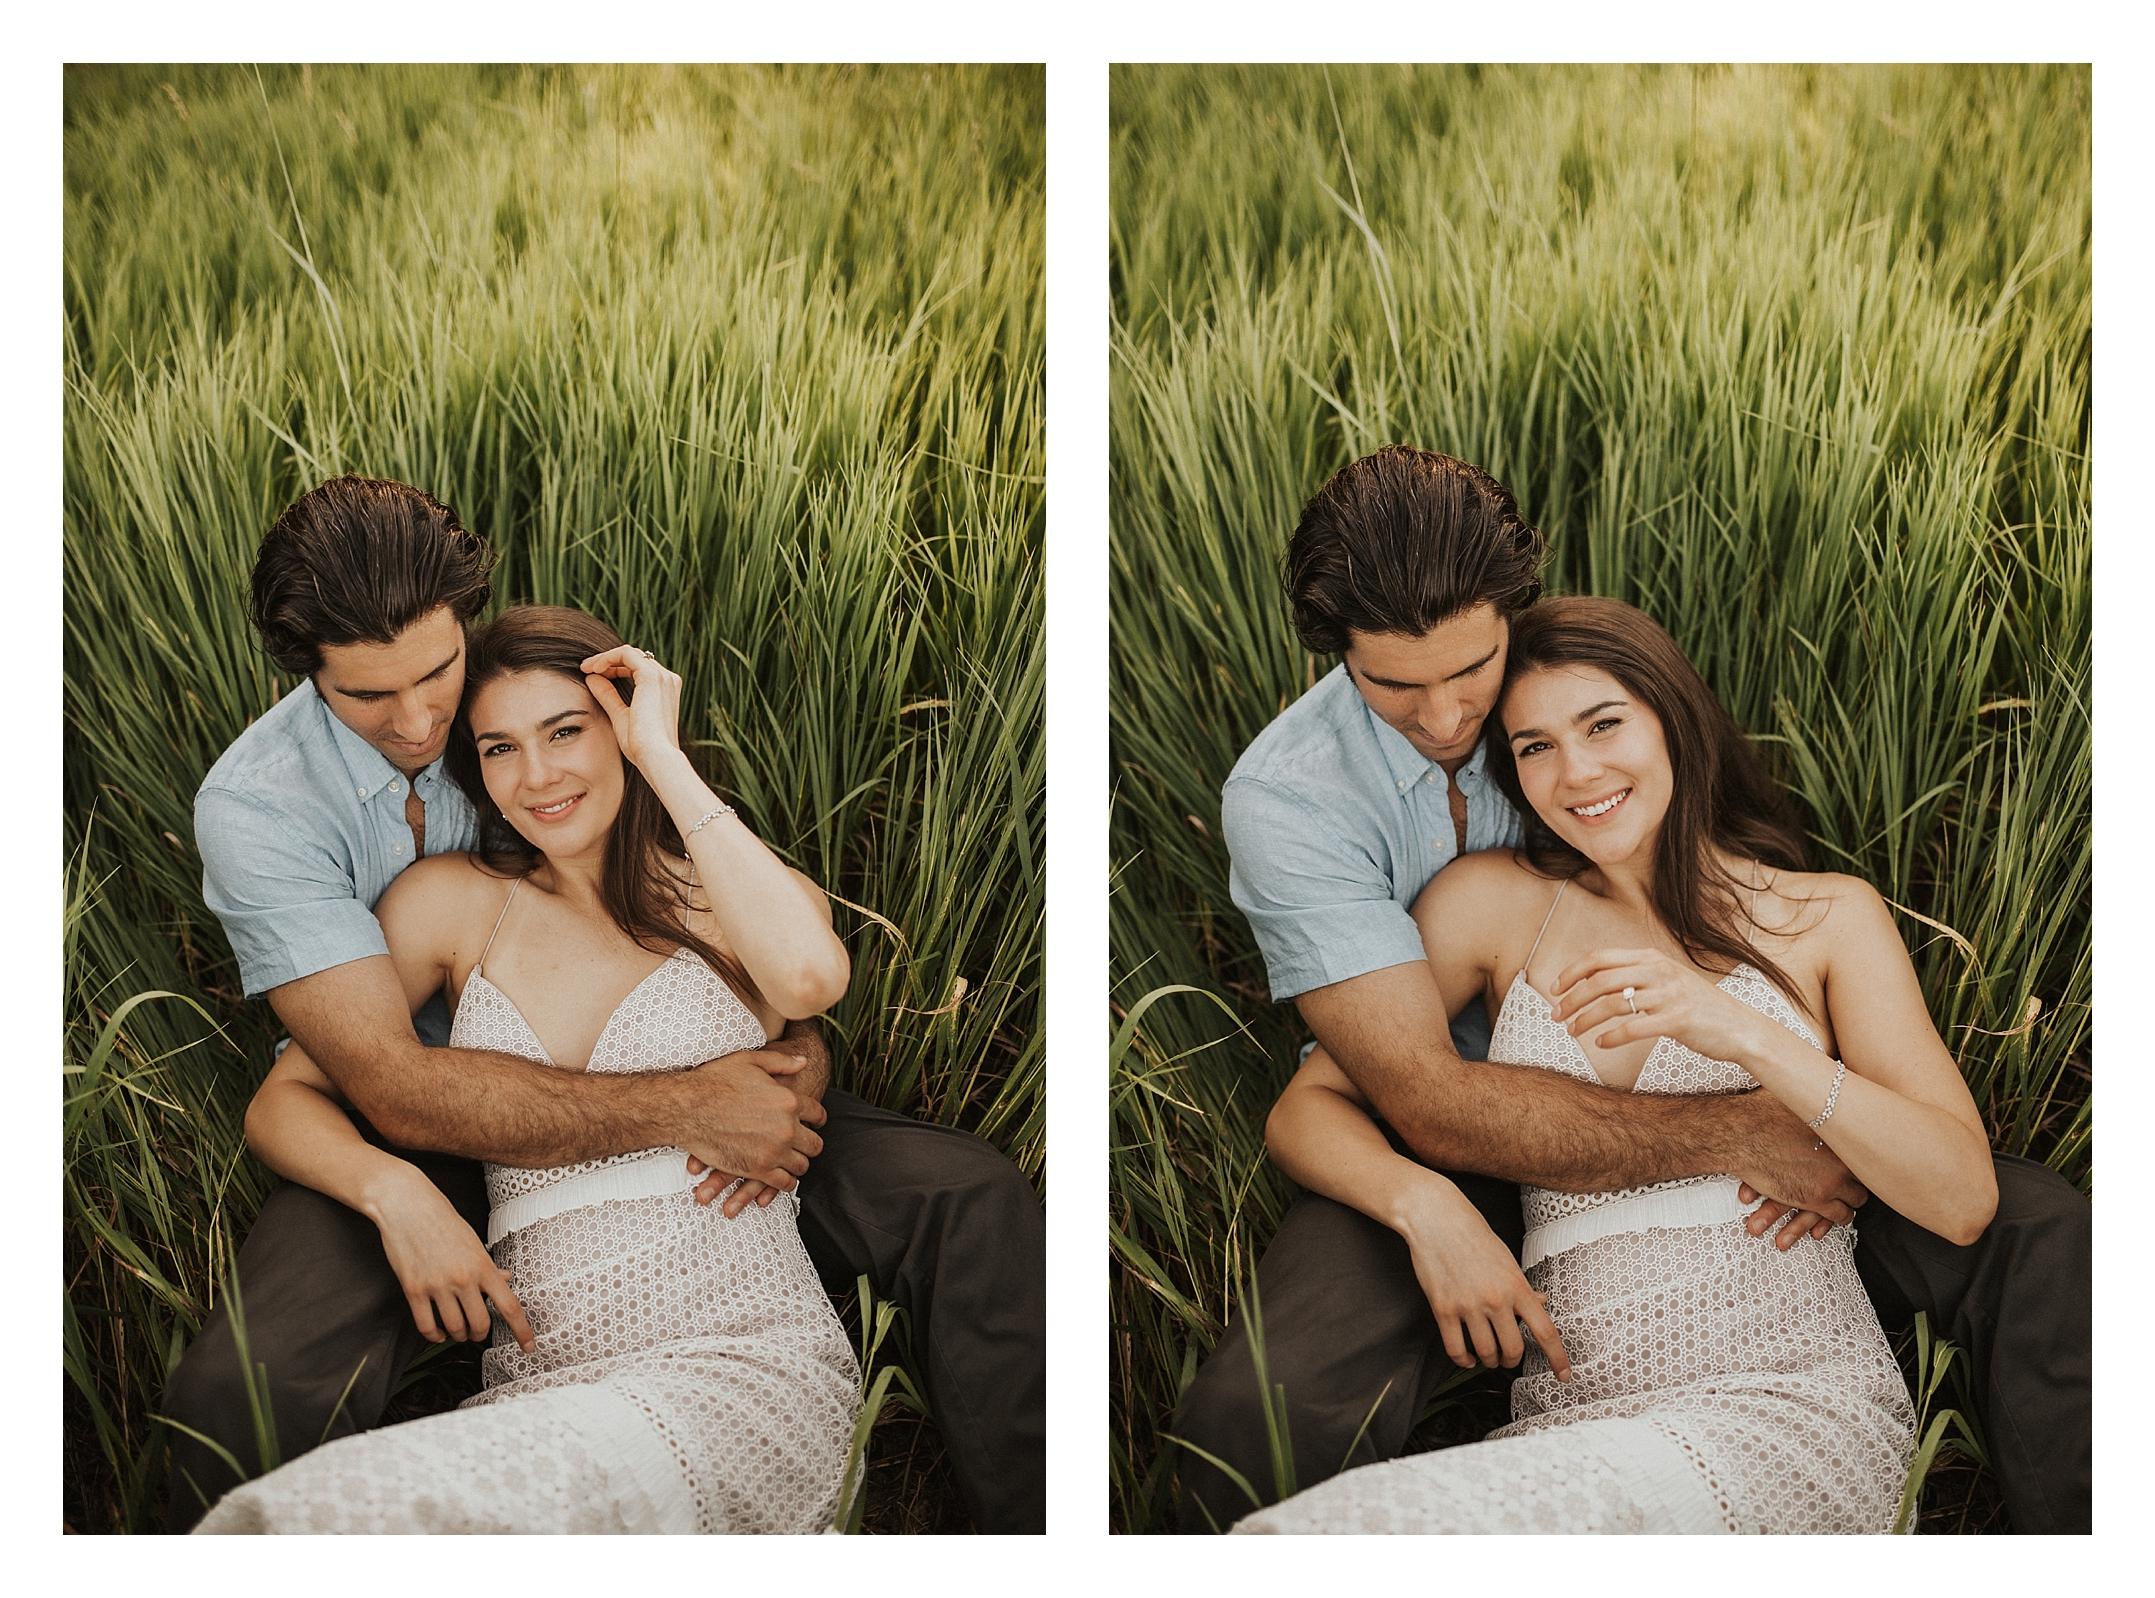 MICHIGAN ENGAGEMENT PHOTOGRAPHER- MICHIGAN WEDDING PHOTOGRAPHER NEAR ANN ARBOR MICHIGAN